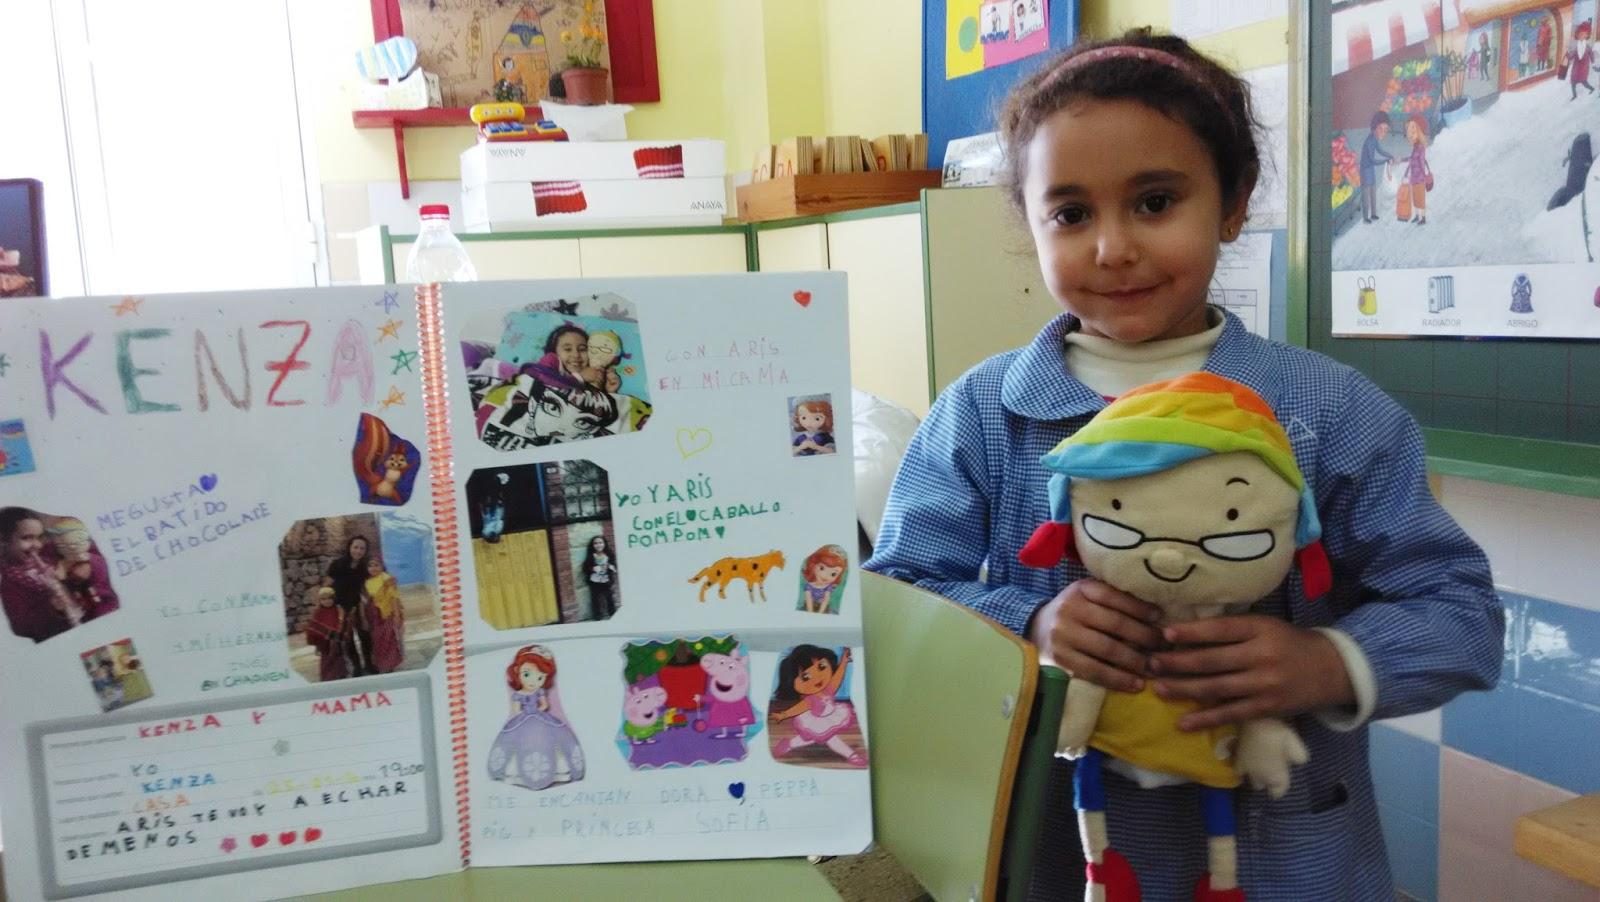 Blog actividades escolares y extraescolares el libro - Ideas libro viajero infantil ...